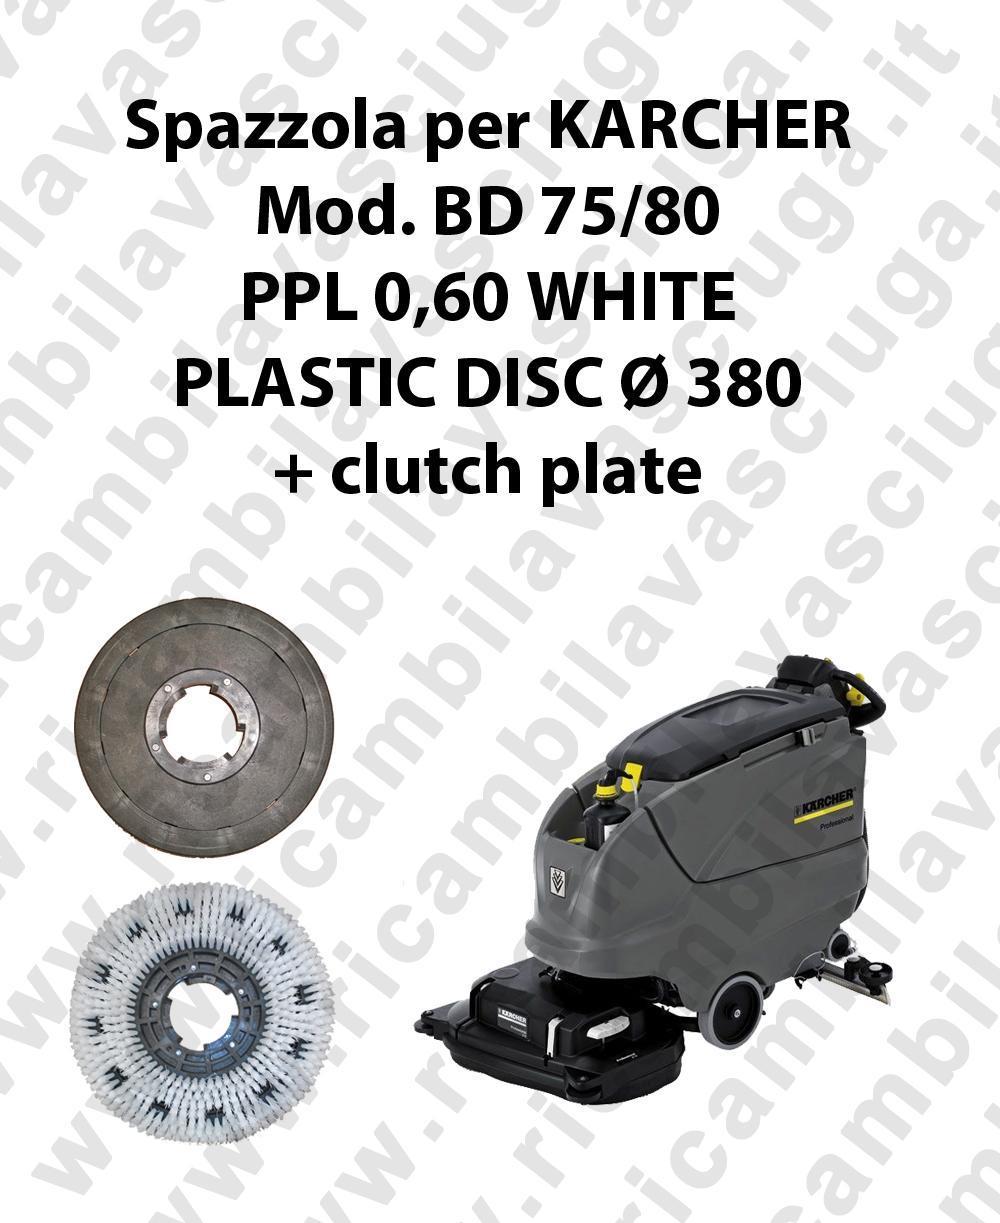 BD 75/80 Bürsten für scheuersaugmaschinen KARCHER